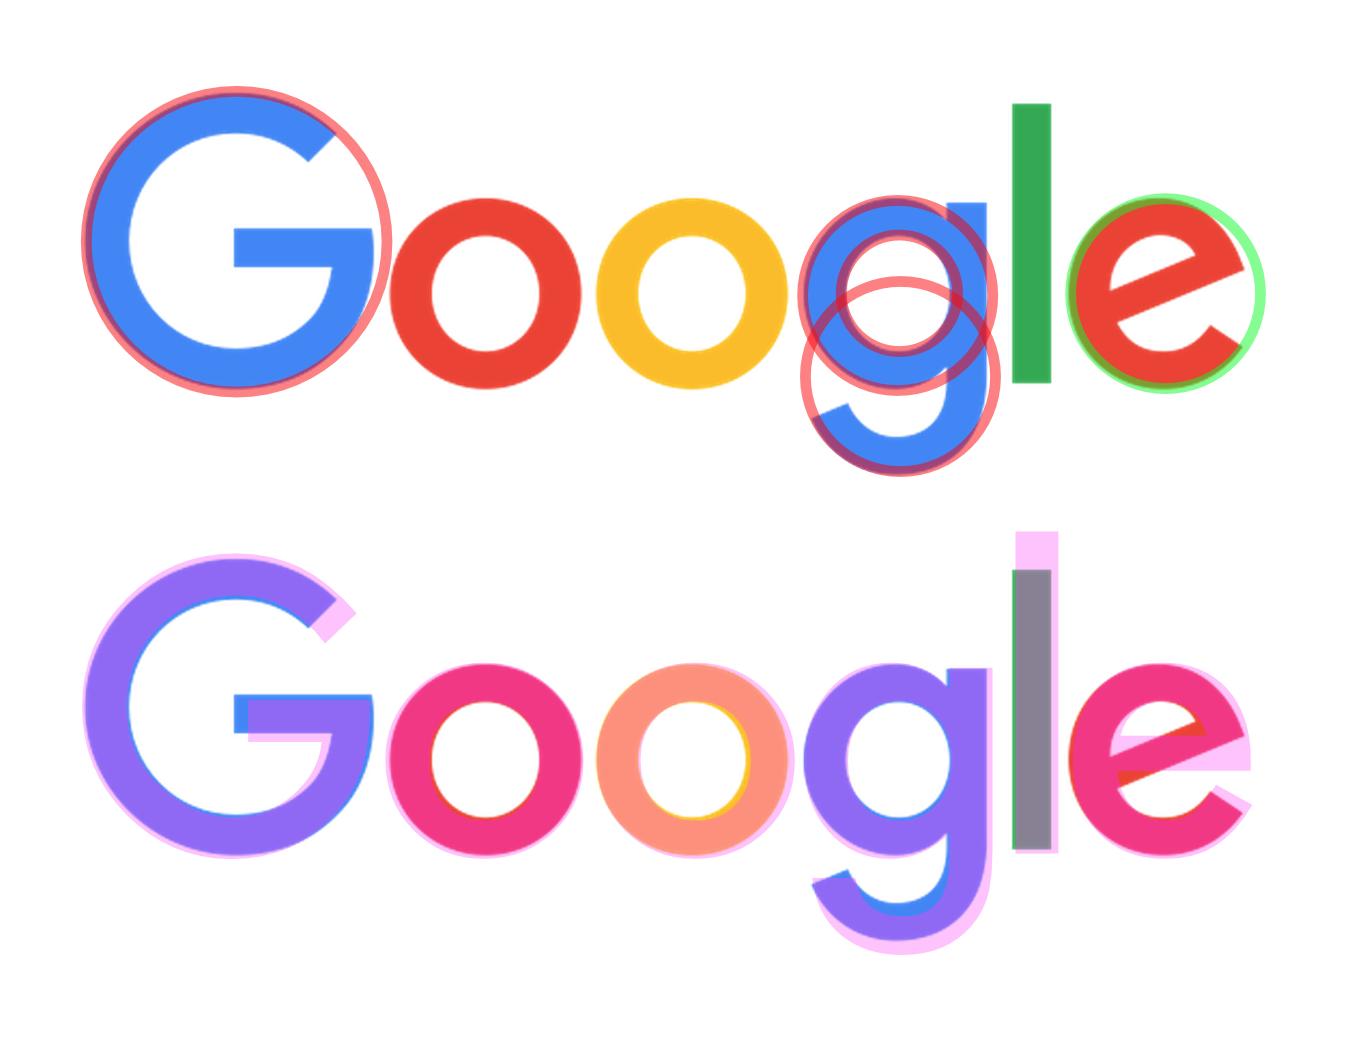 Google's New Logo.